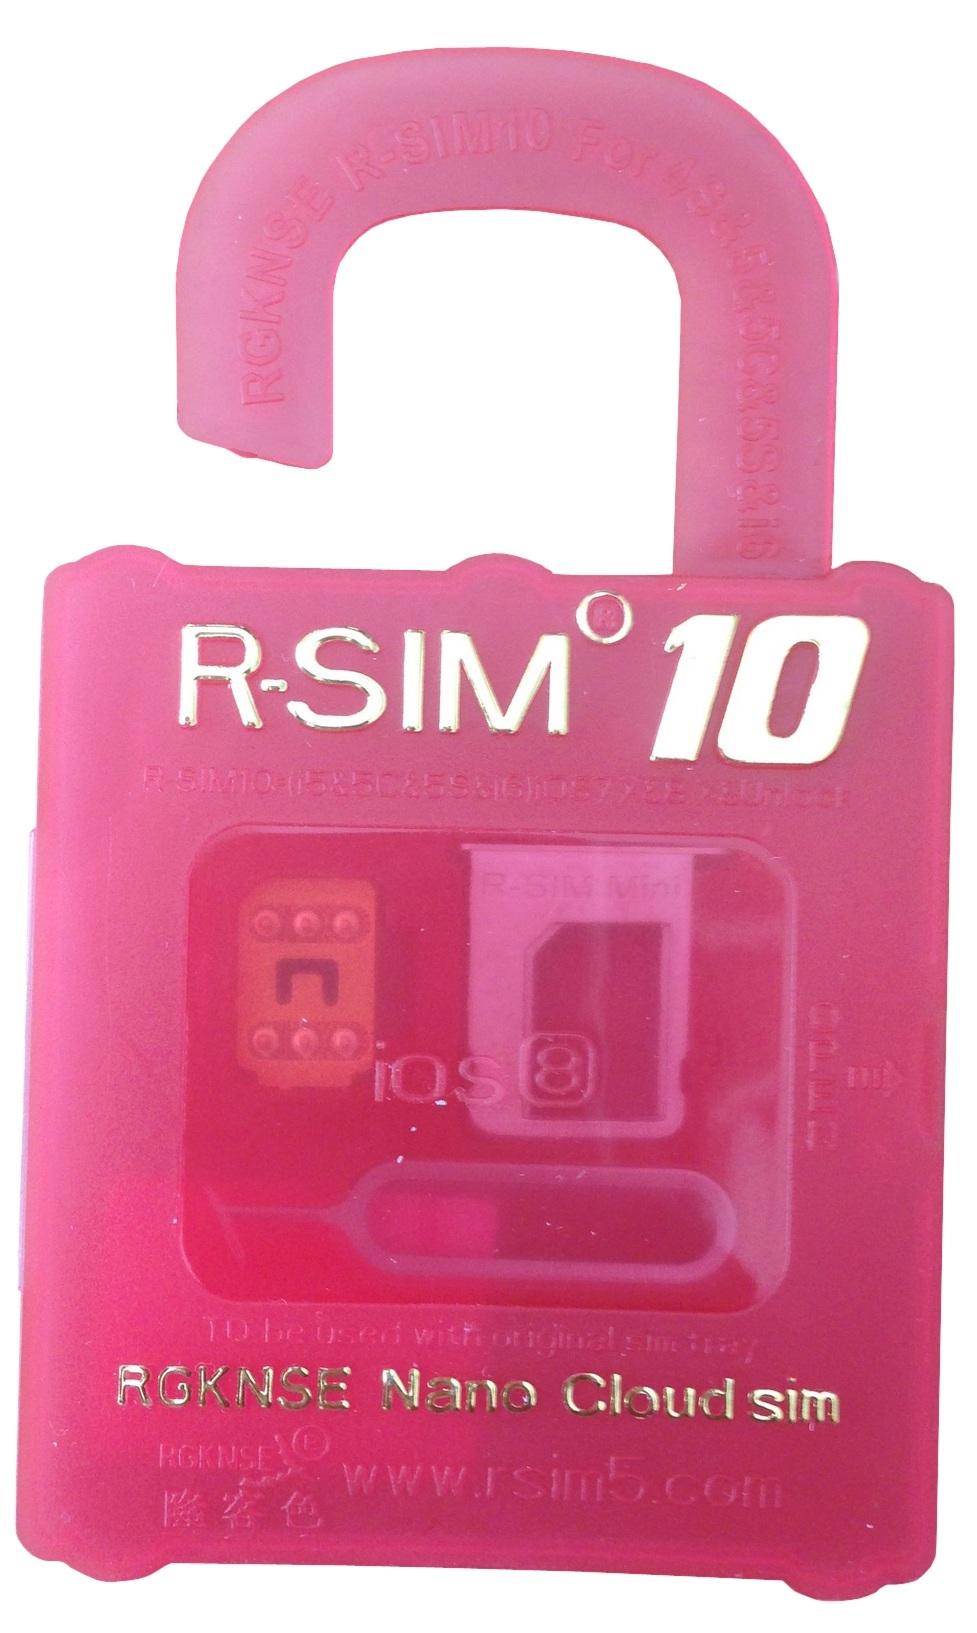 r_sim_10.jpg